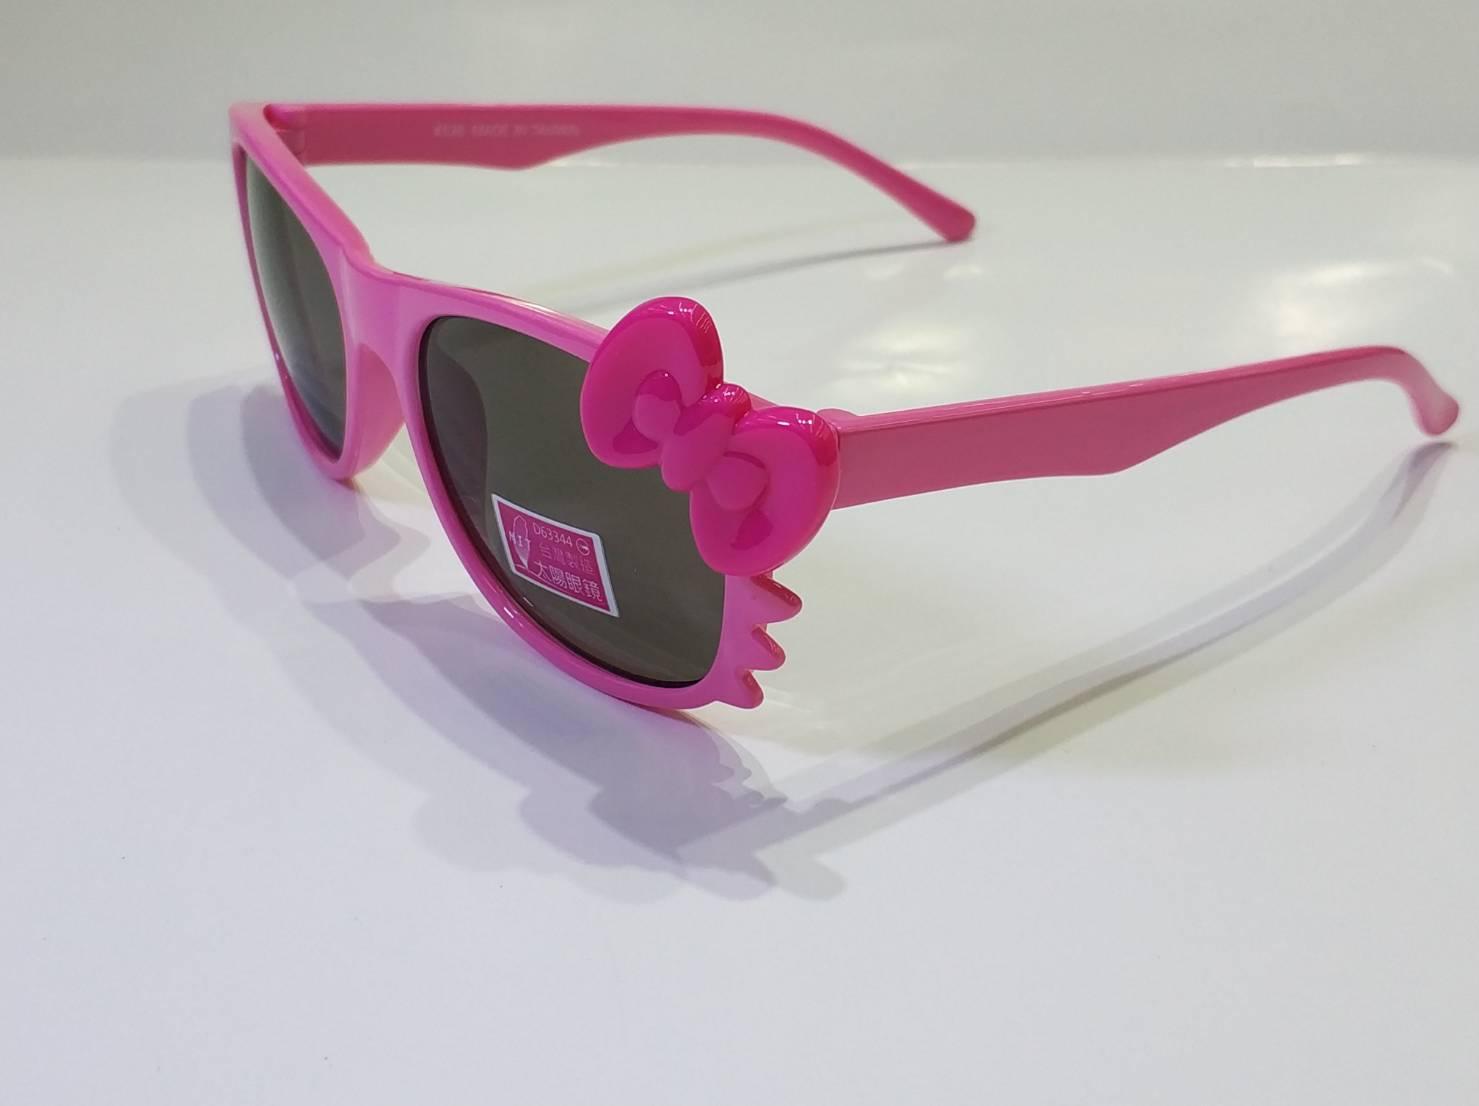 喵喵 貓咪 造型 兒童鏡框 太陽眼鏡 可愛造型太陽眼鏡  兒童眼鏡  購買此商品可以另加購眼鏡布優惠價只要1元